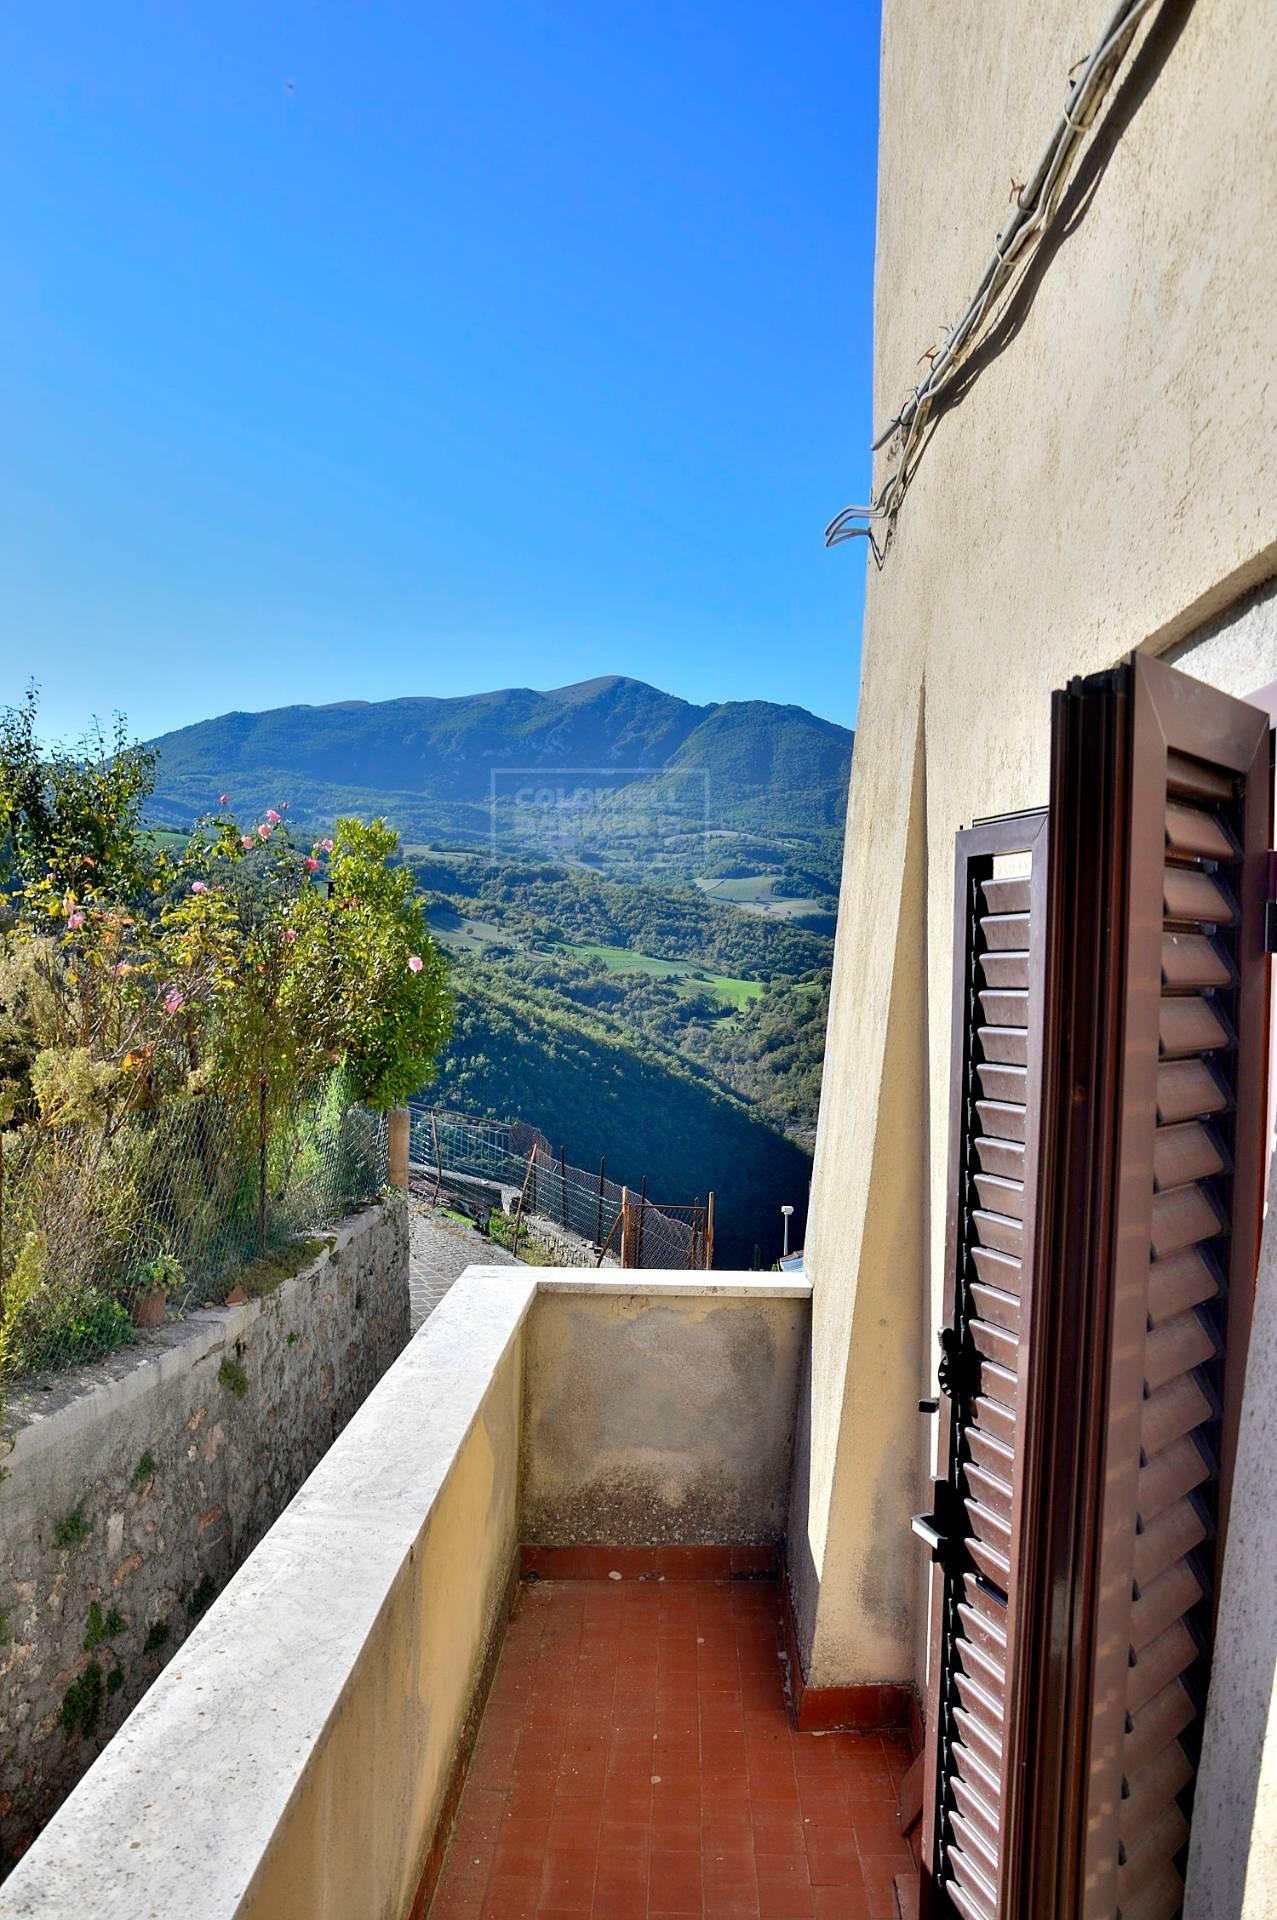 Appartamento in vendita a Cerreto di Spoleto, 3 locali, zona Località: CerretodiSpoleto-Centro, prezzo € 31.000 | PortaleAgenzieImmobiliari.it